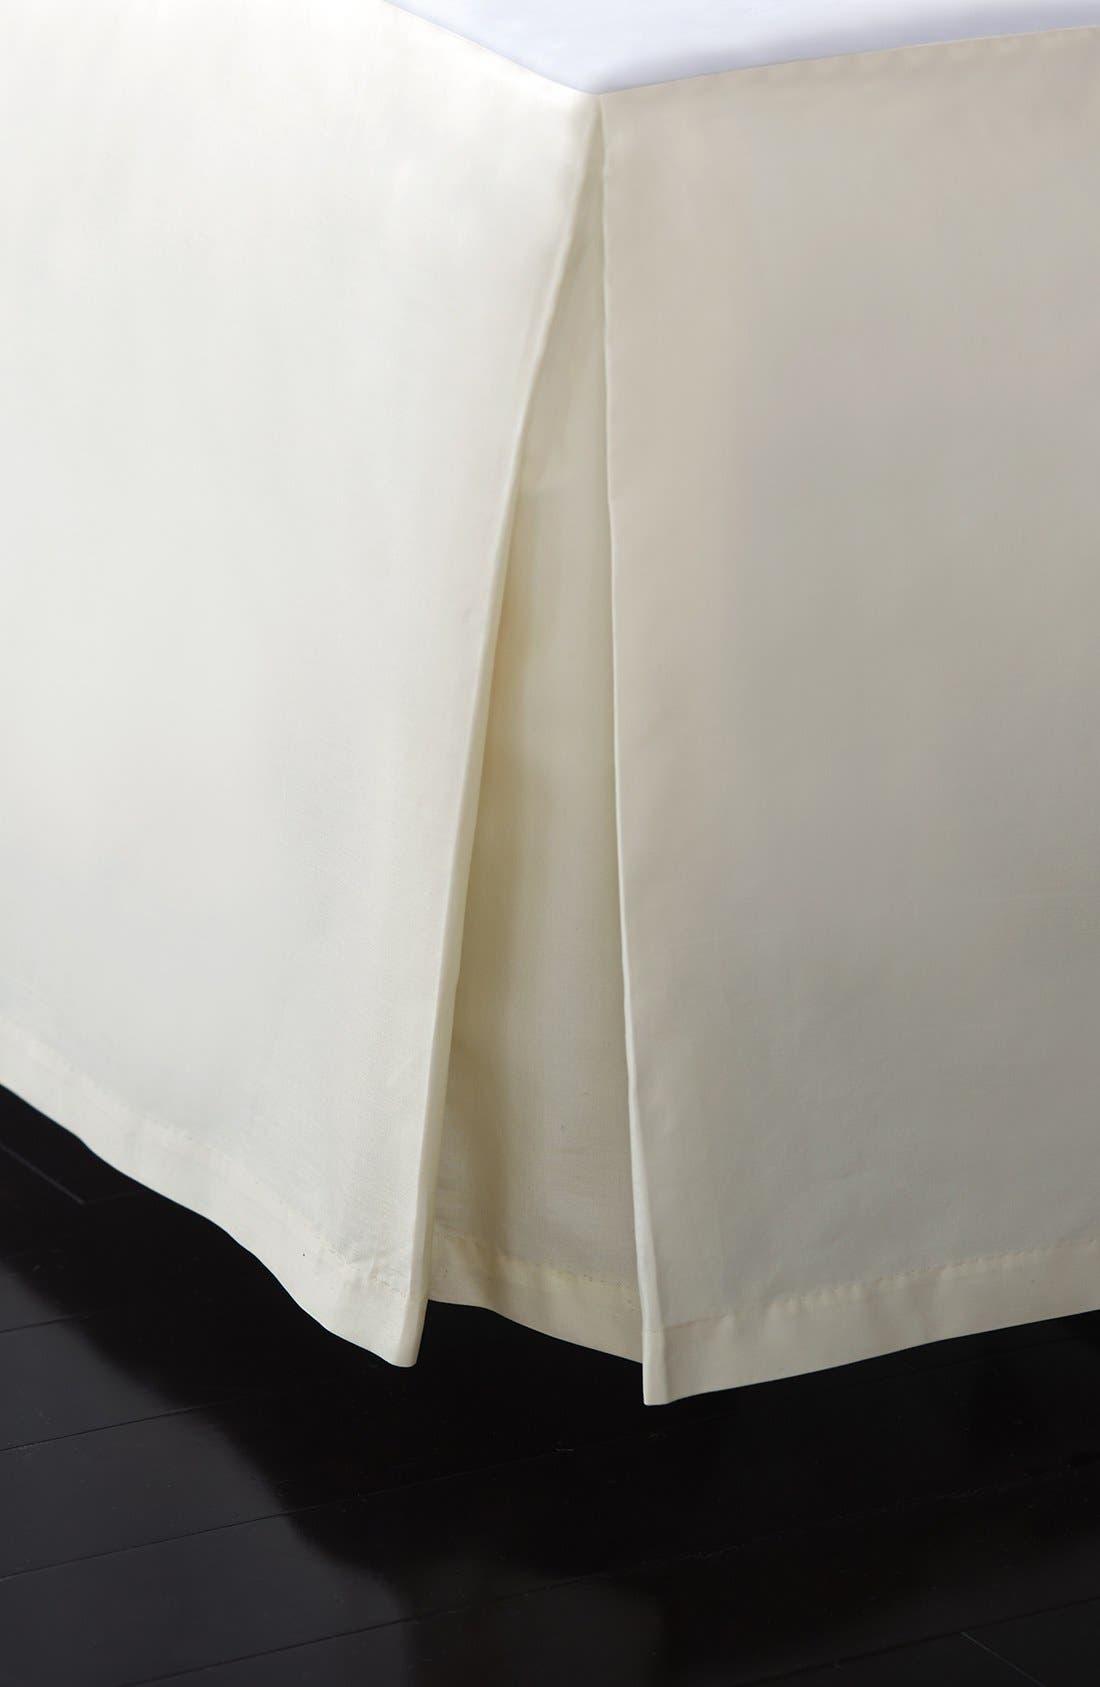 DONNA KARAN NEW YORK Donna Karan Collection 'Reflection'